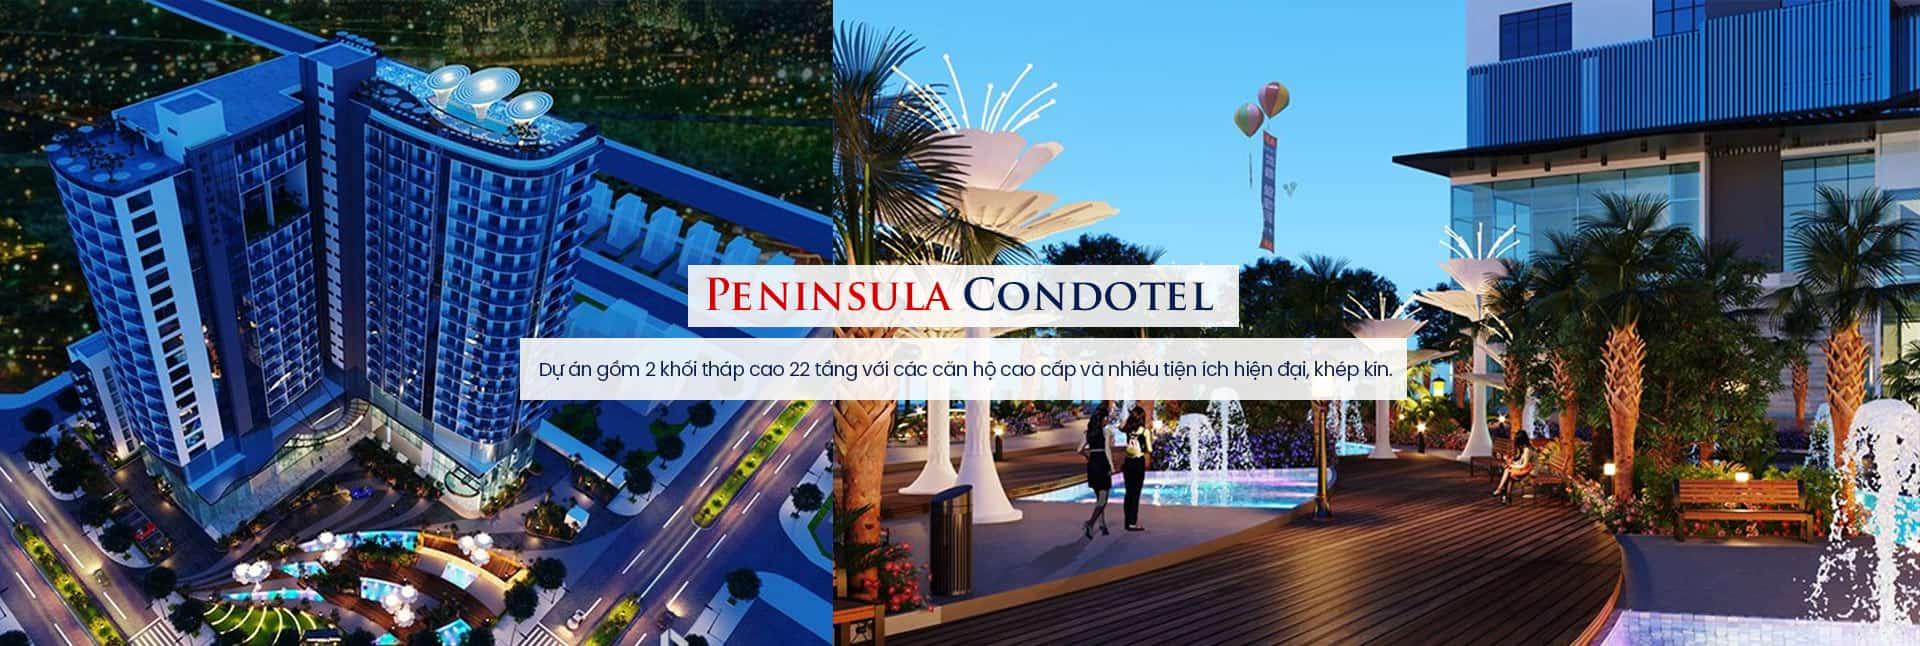 Dự án căn hộ Condotel Peninsula Nha Trang